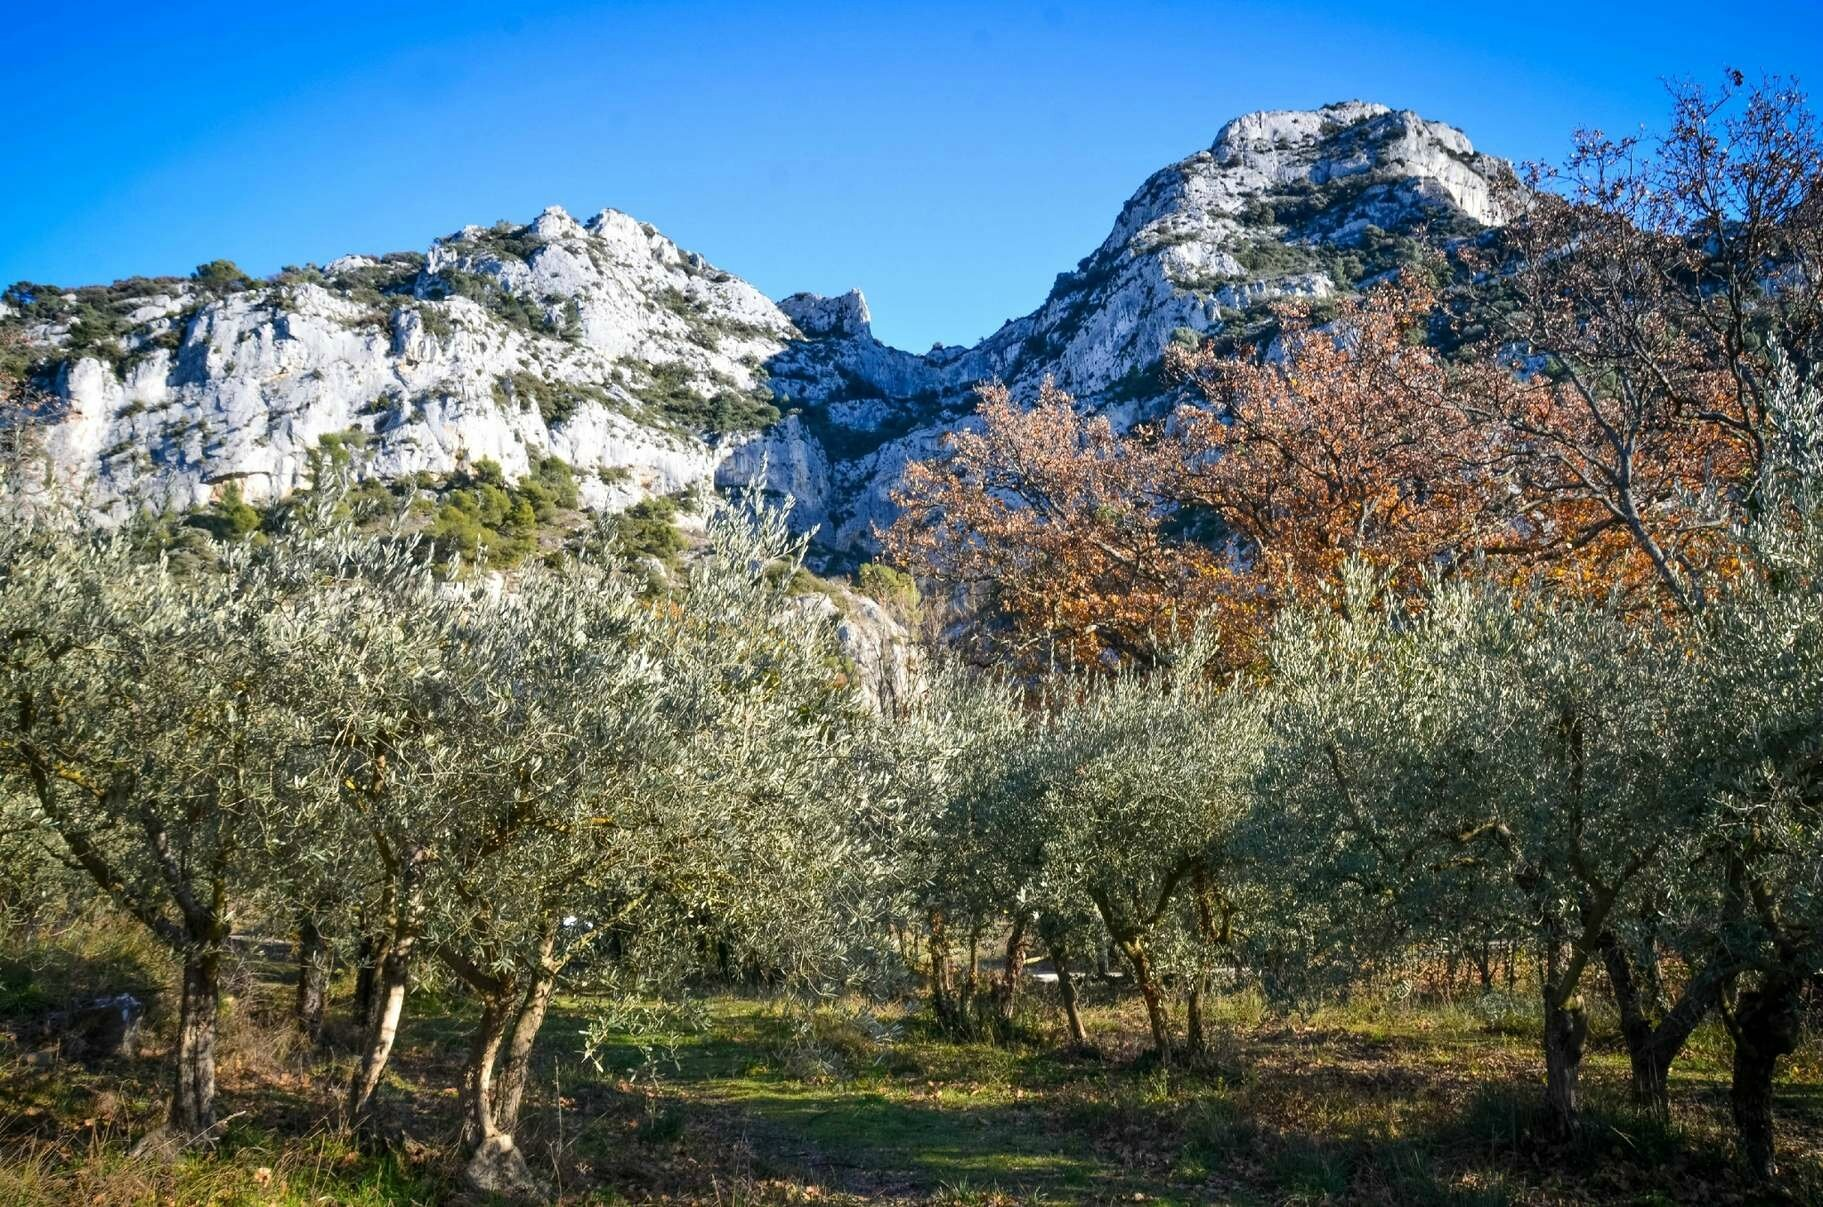 Balade dans le Parc National du Luberon